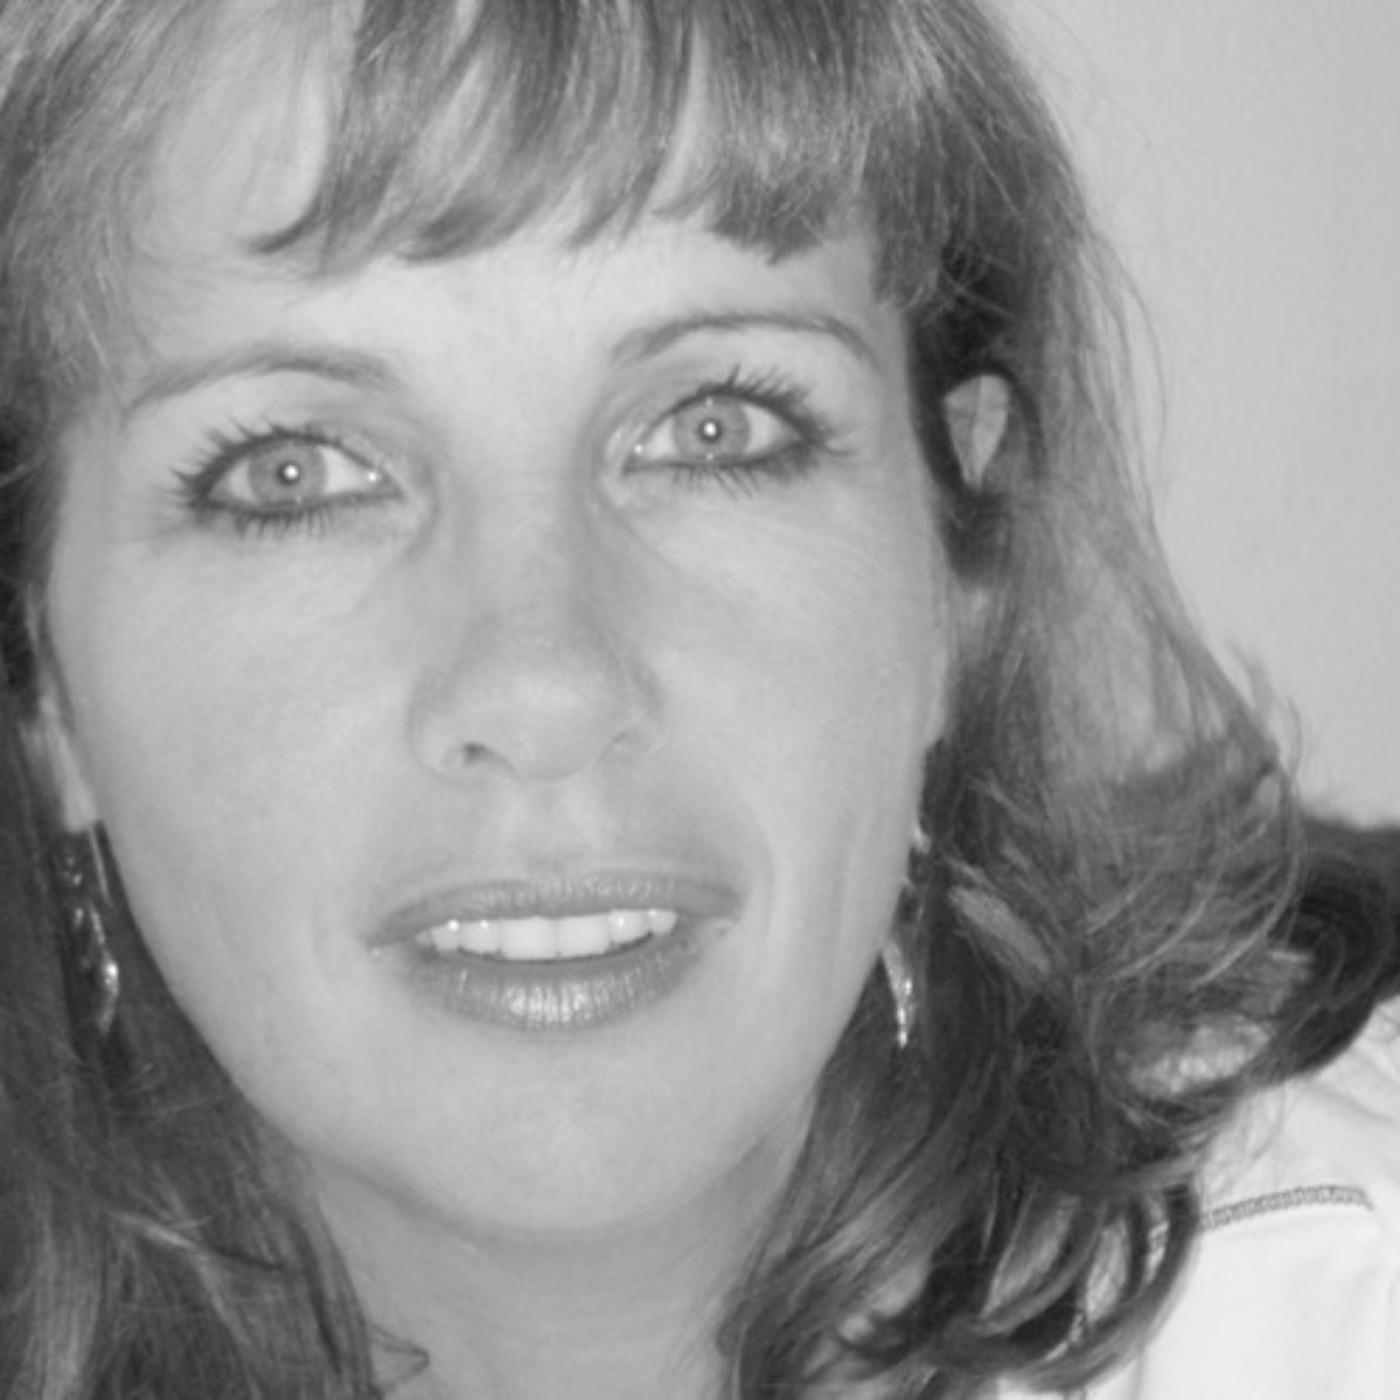 Épisode #42 - Clothilde Poivilliers : Arrêter de se trouver nul.le pour avoir confiance et estime de soi !